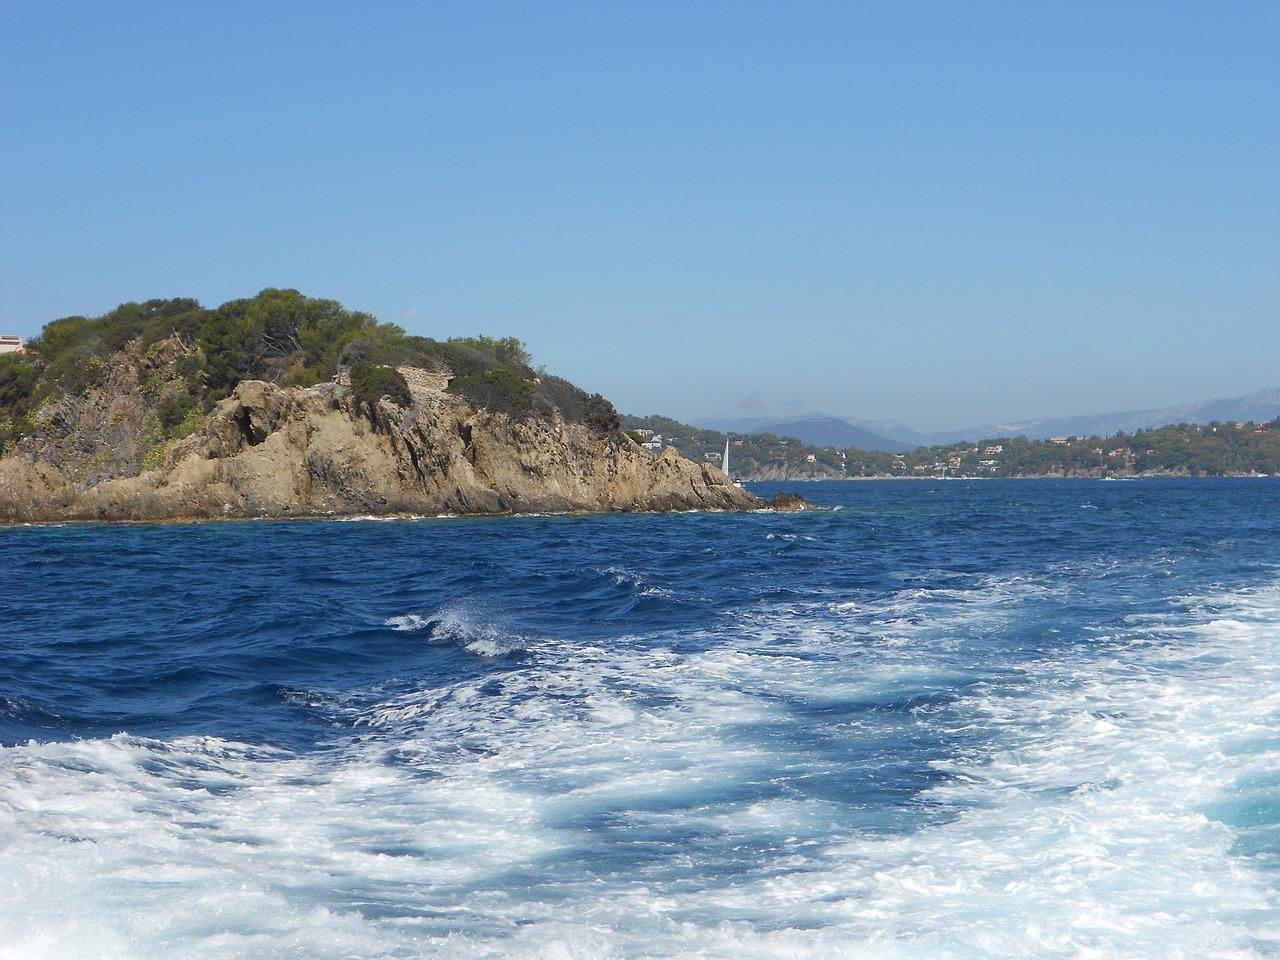 Notre sélection des meilleures attractions touristiques à Sanary sur Mer